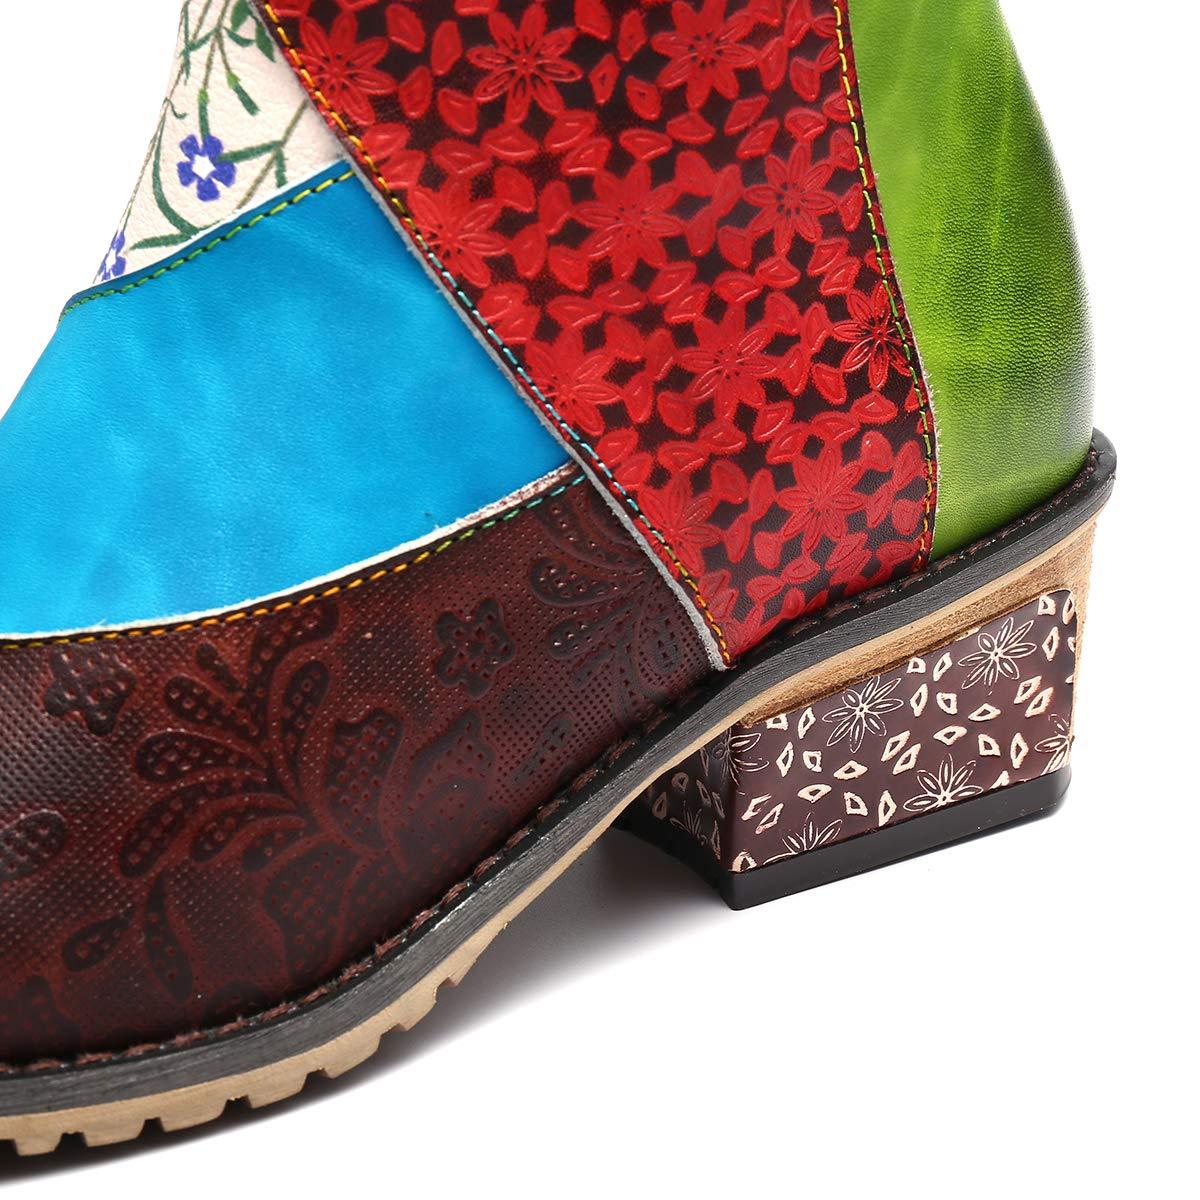 5c1392d12132b5 Camfosy Bottes Hautes Plates Femmes, Bottes Hiver en Cuir à Talons Plats  Carres Cuissardes Chaussures Ville ...